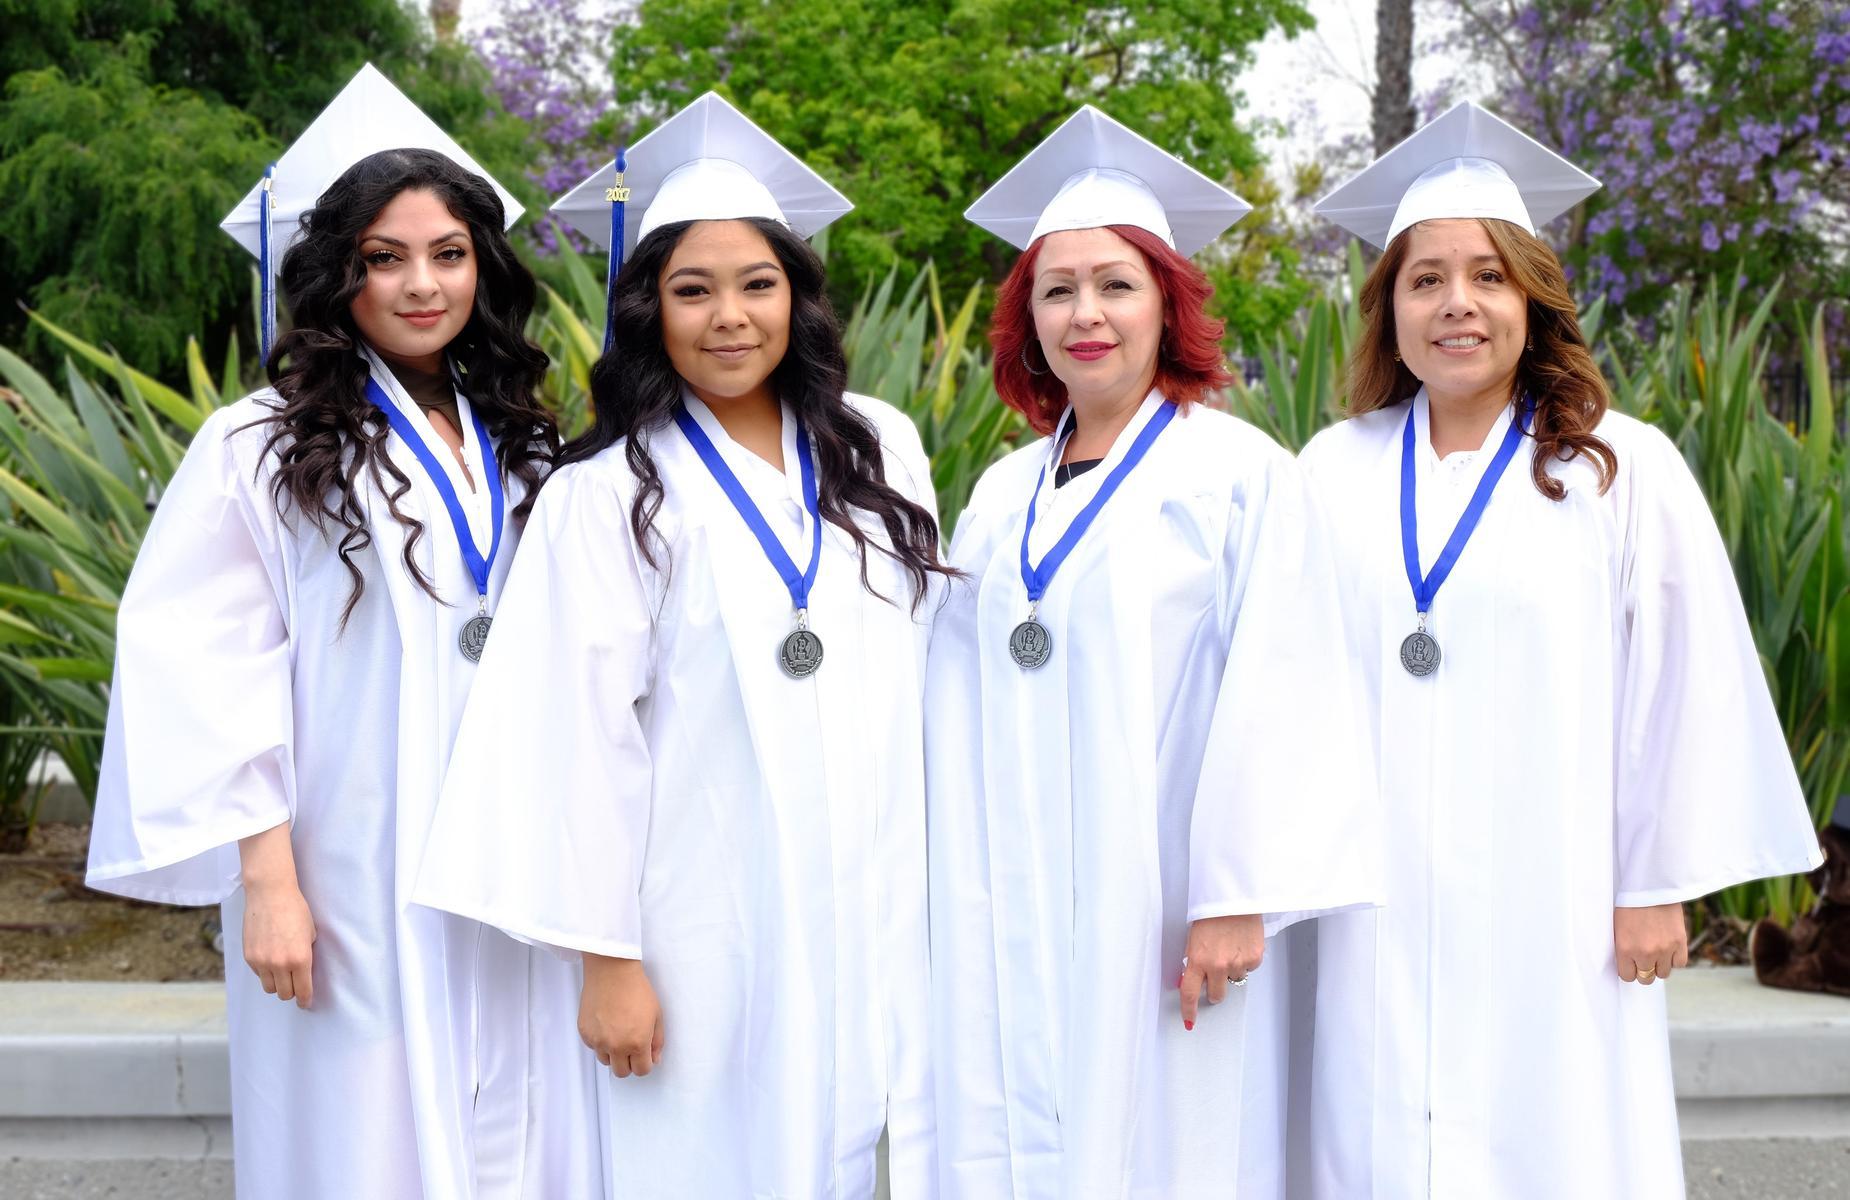 Adult Career Education Graduates